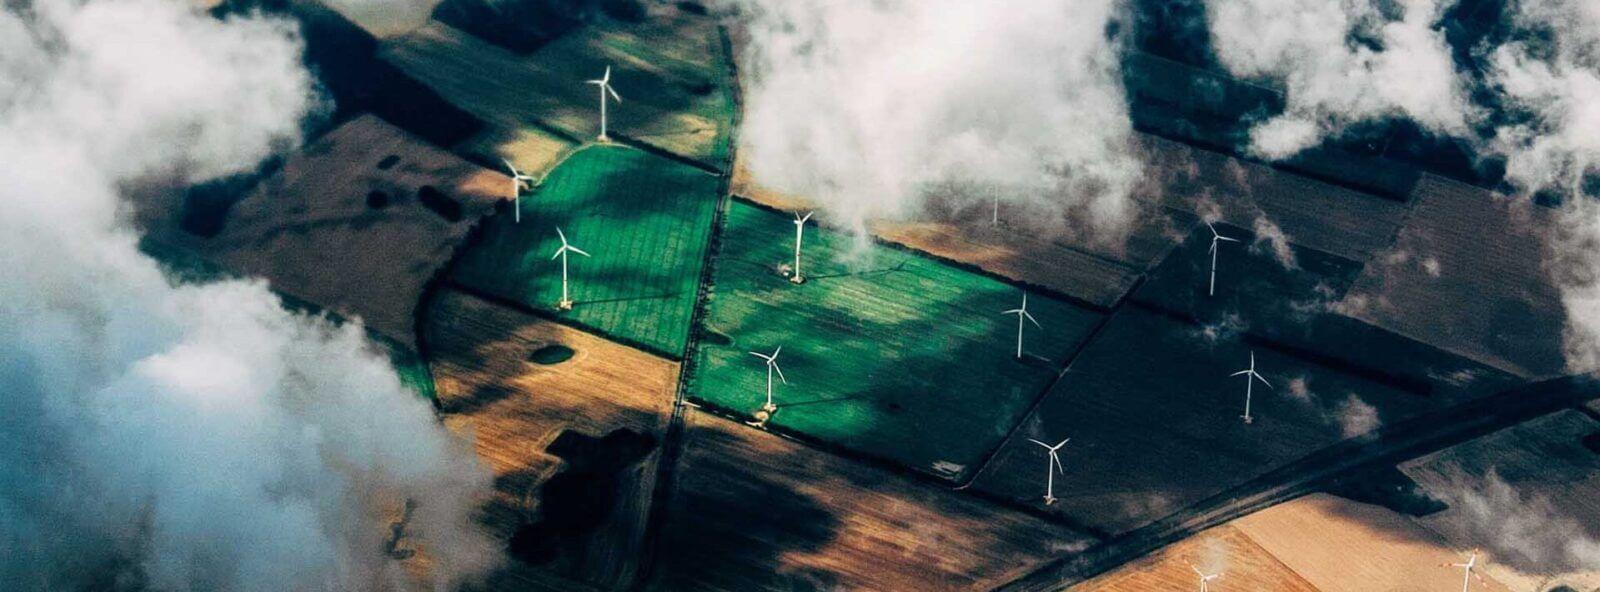 اچ پی، فیسبوک و مایکروسافت در تلاش برای مقابله با تغییرات آب و هوایی